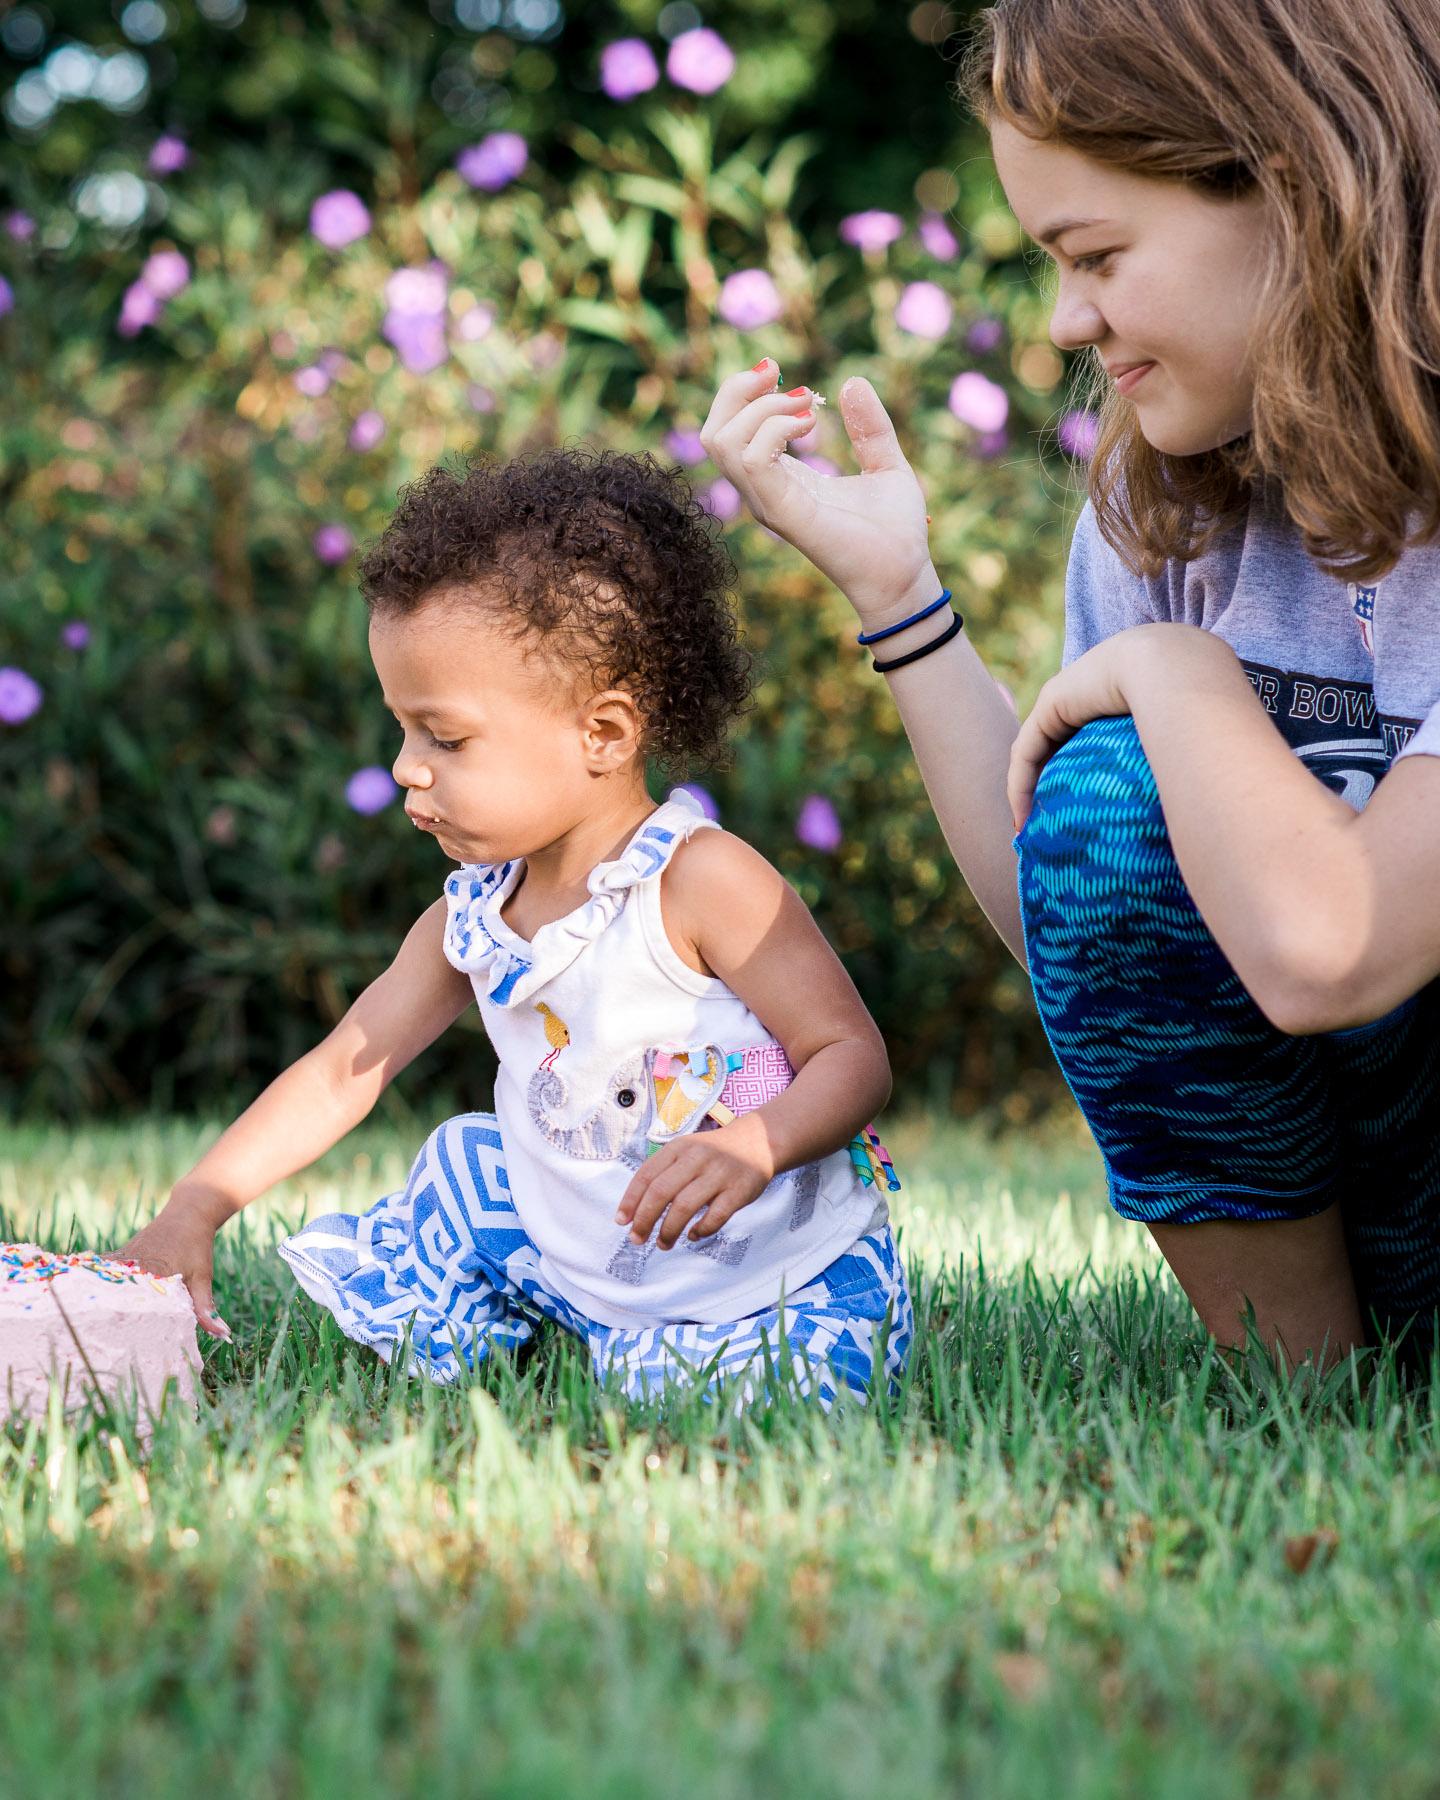 KateTaramykinStudios-Orlando-Family-Photographer-Cake-Smash-9.jpg